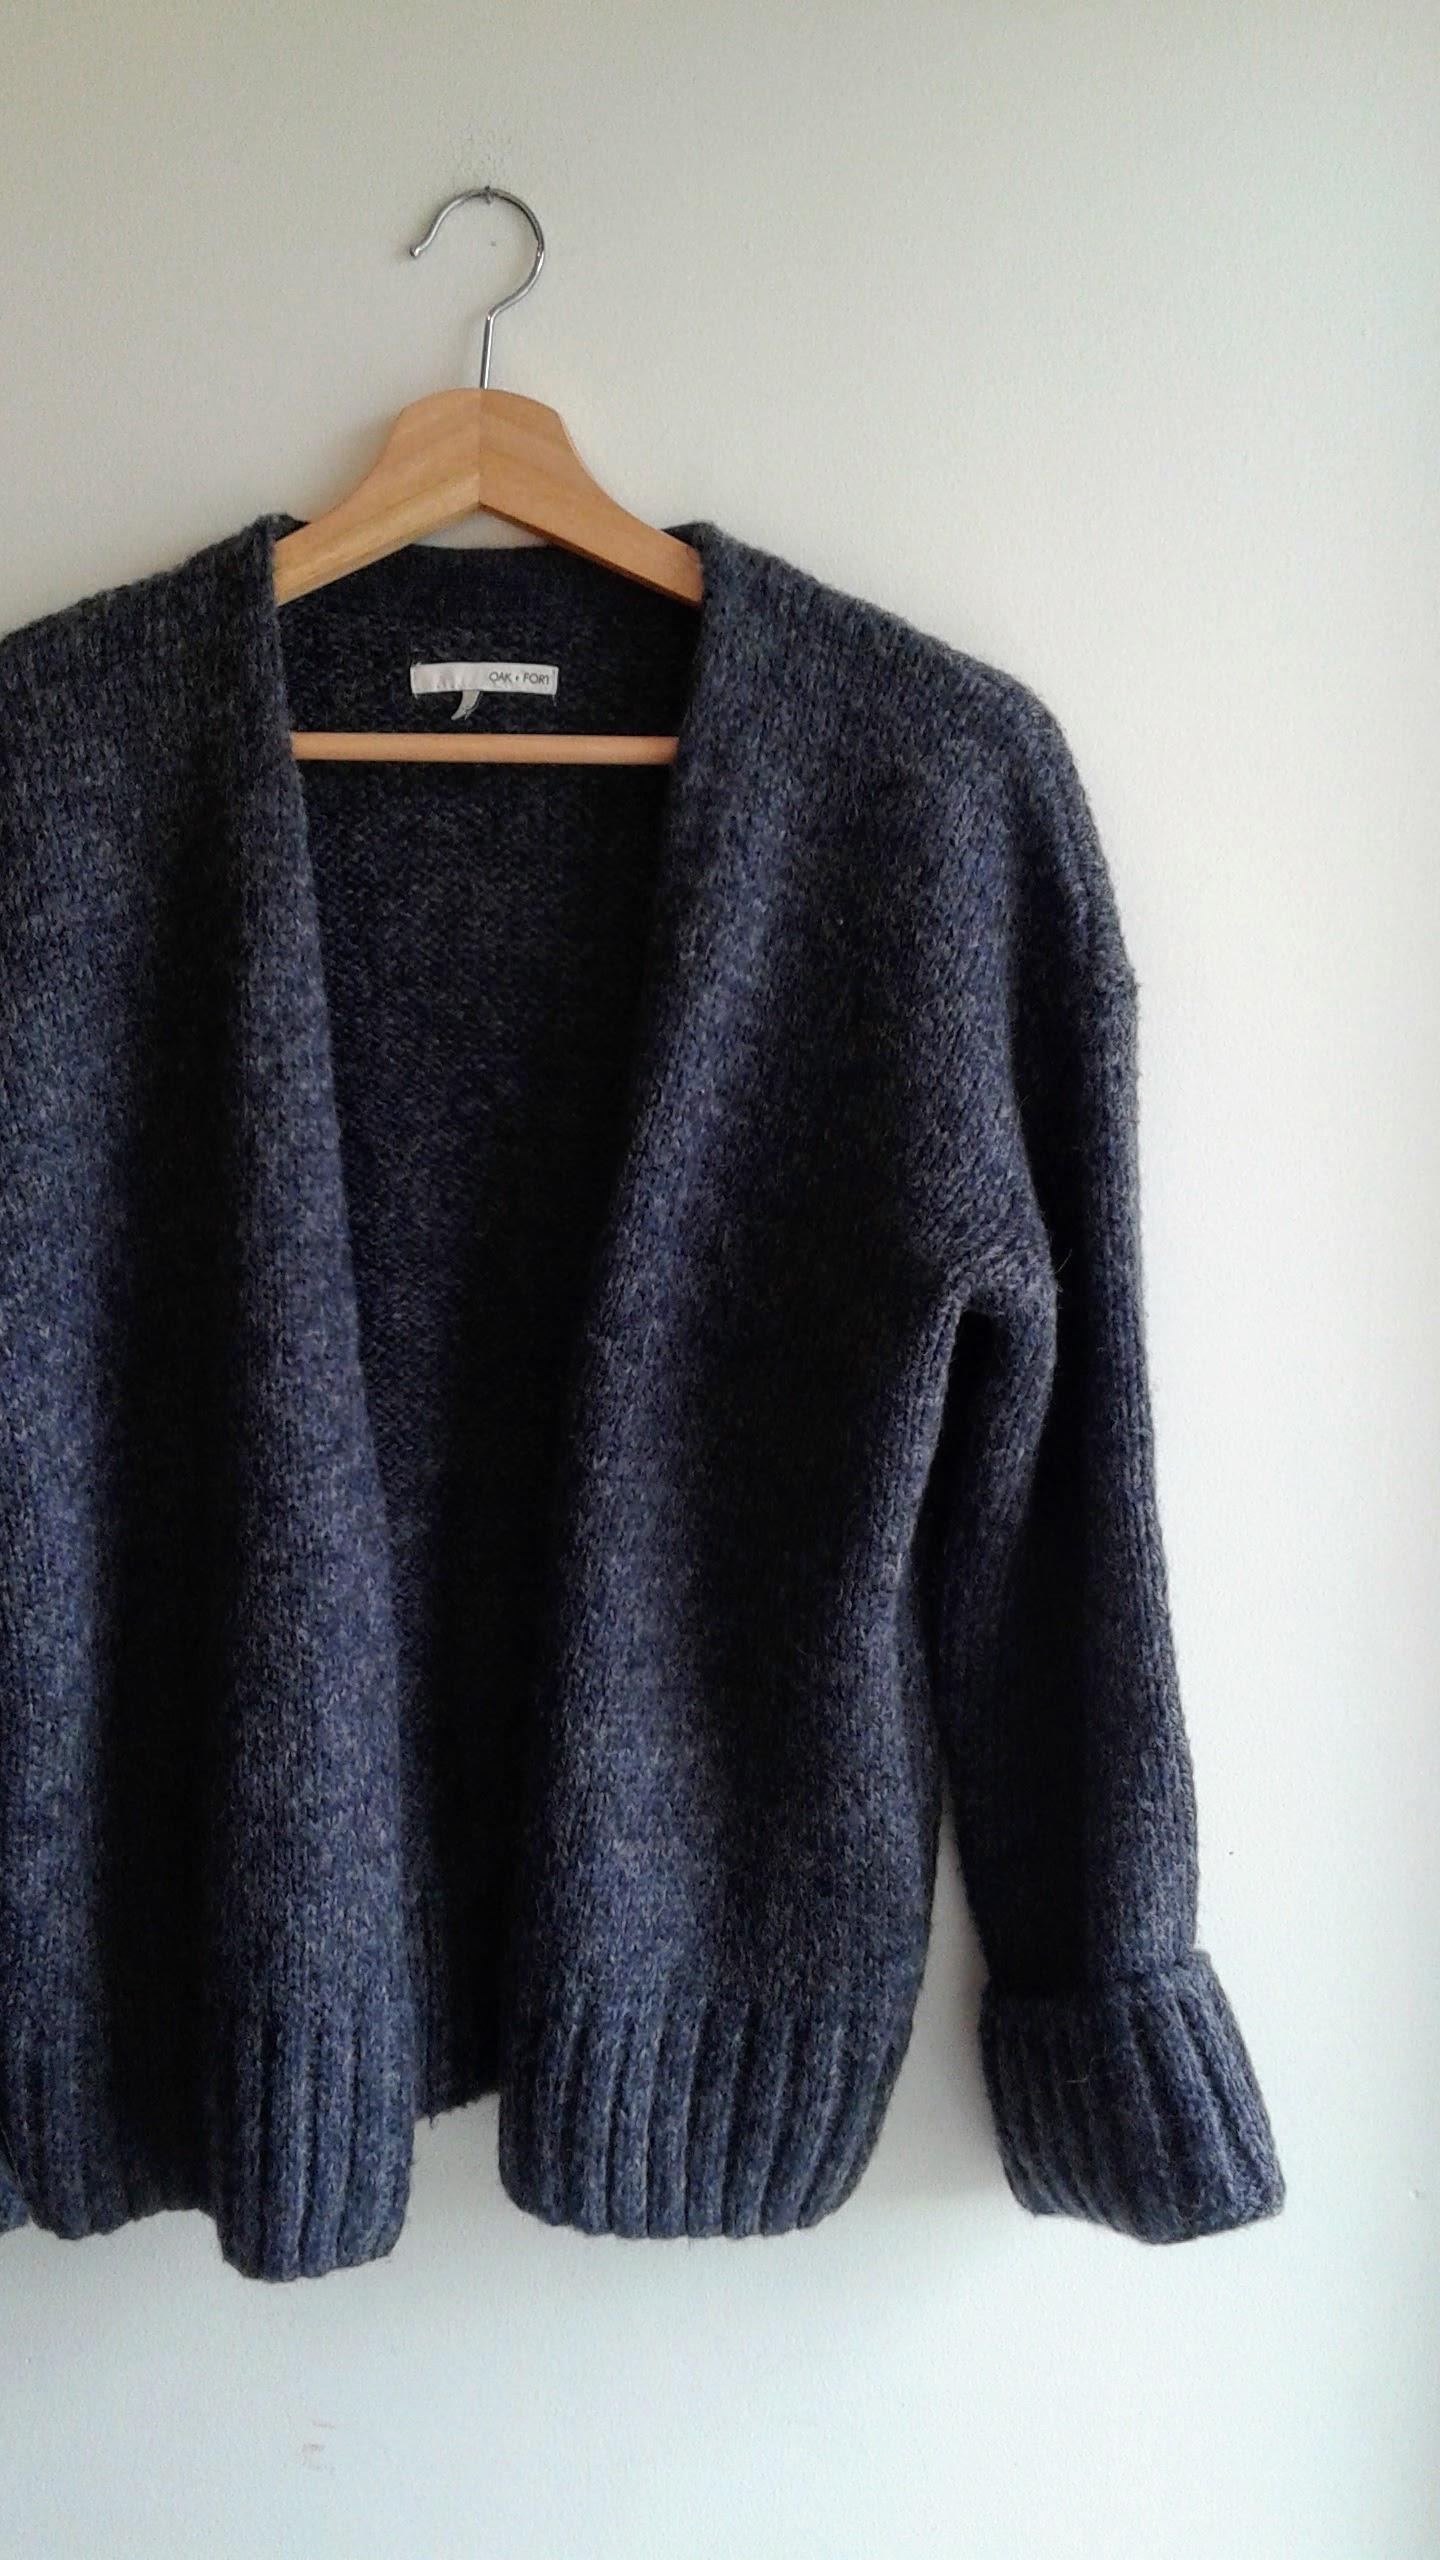 Oak+Fort sweater; Size XS, $56